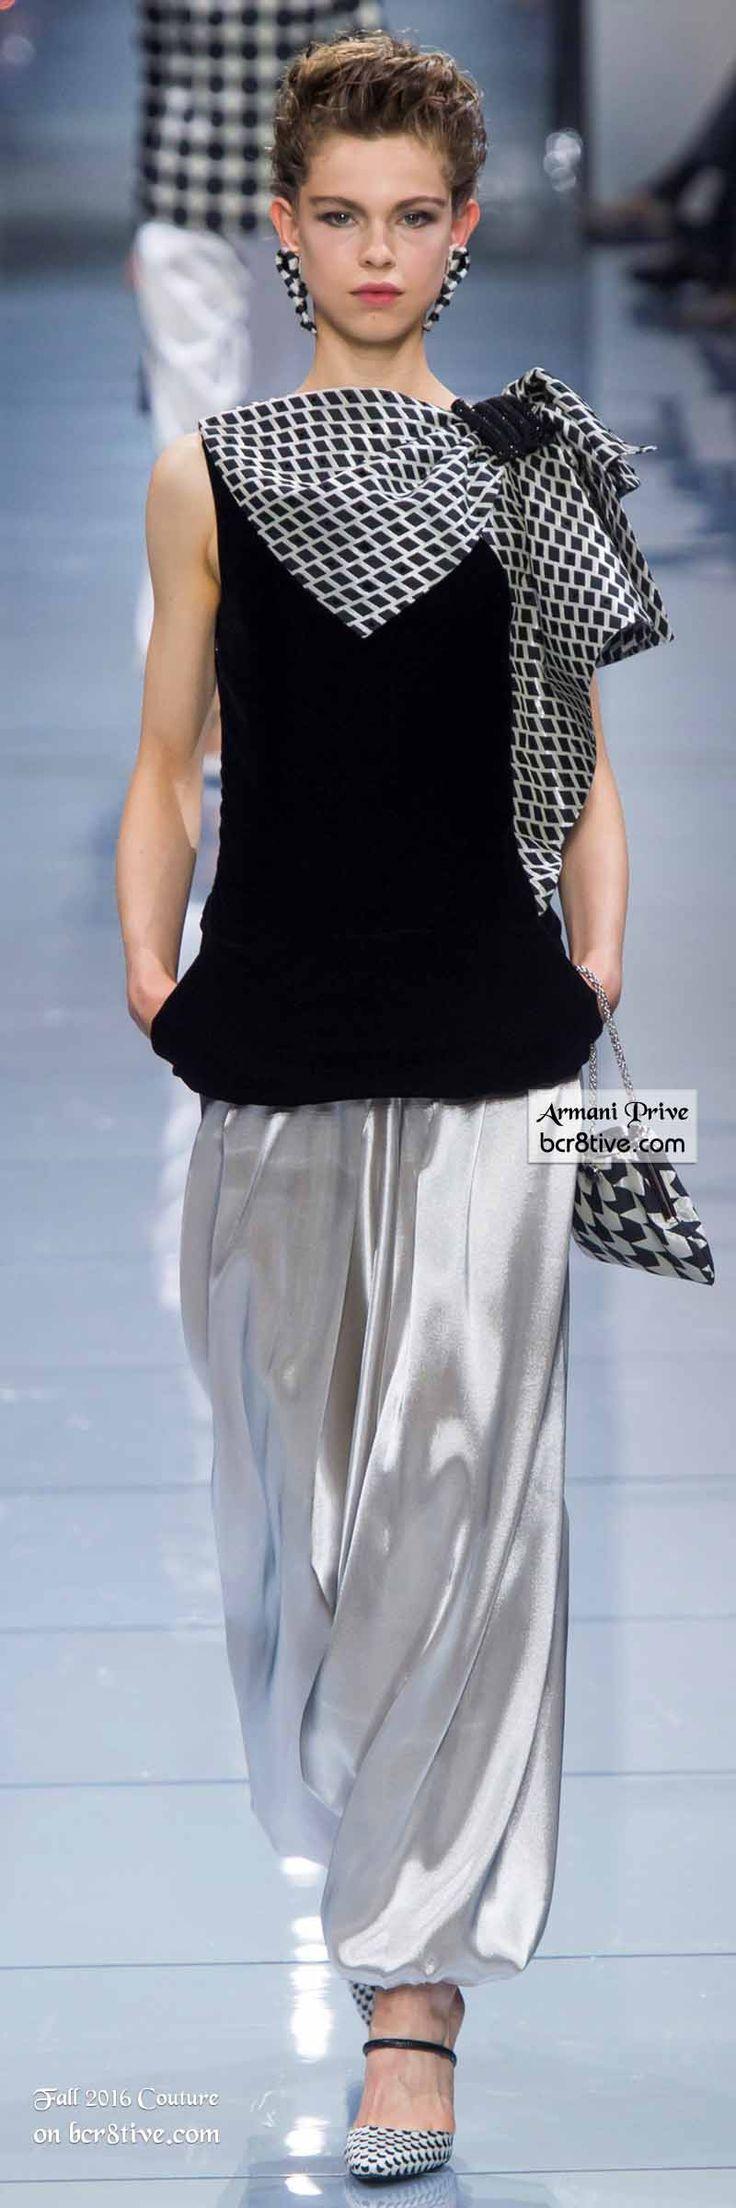 Giorgio Armani Privé - The Best Fall 2016 Haute Couture Fashion